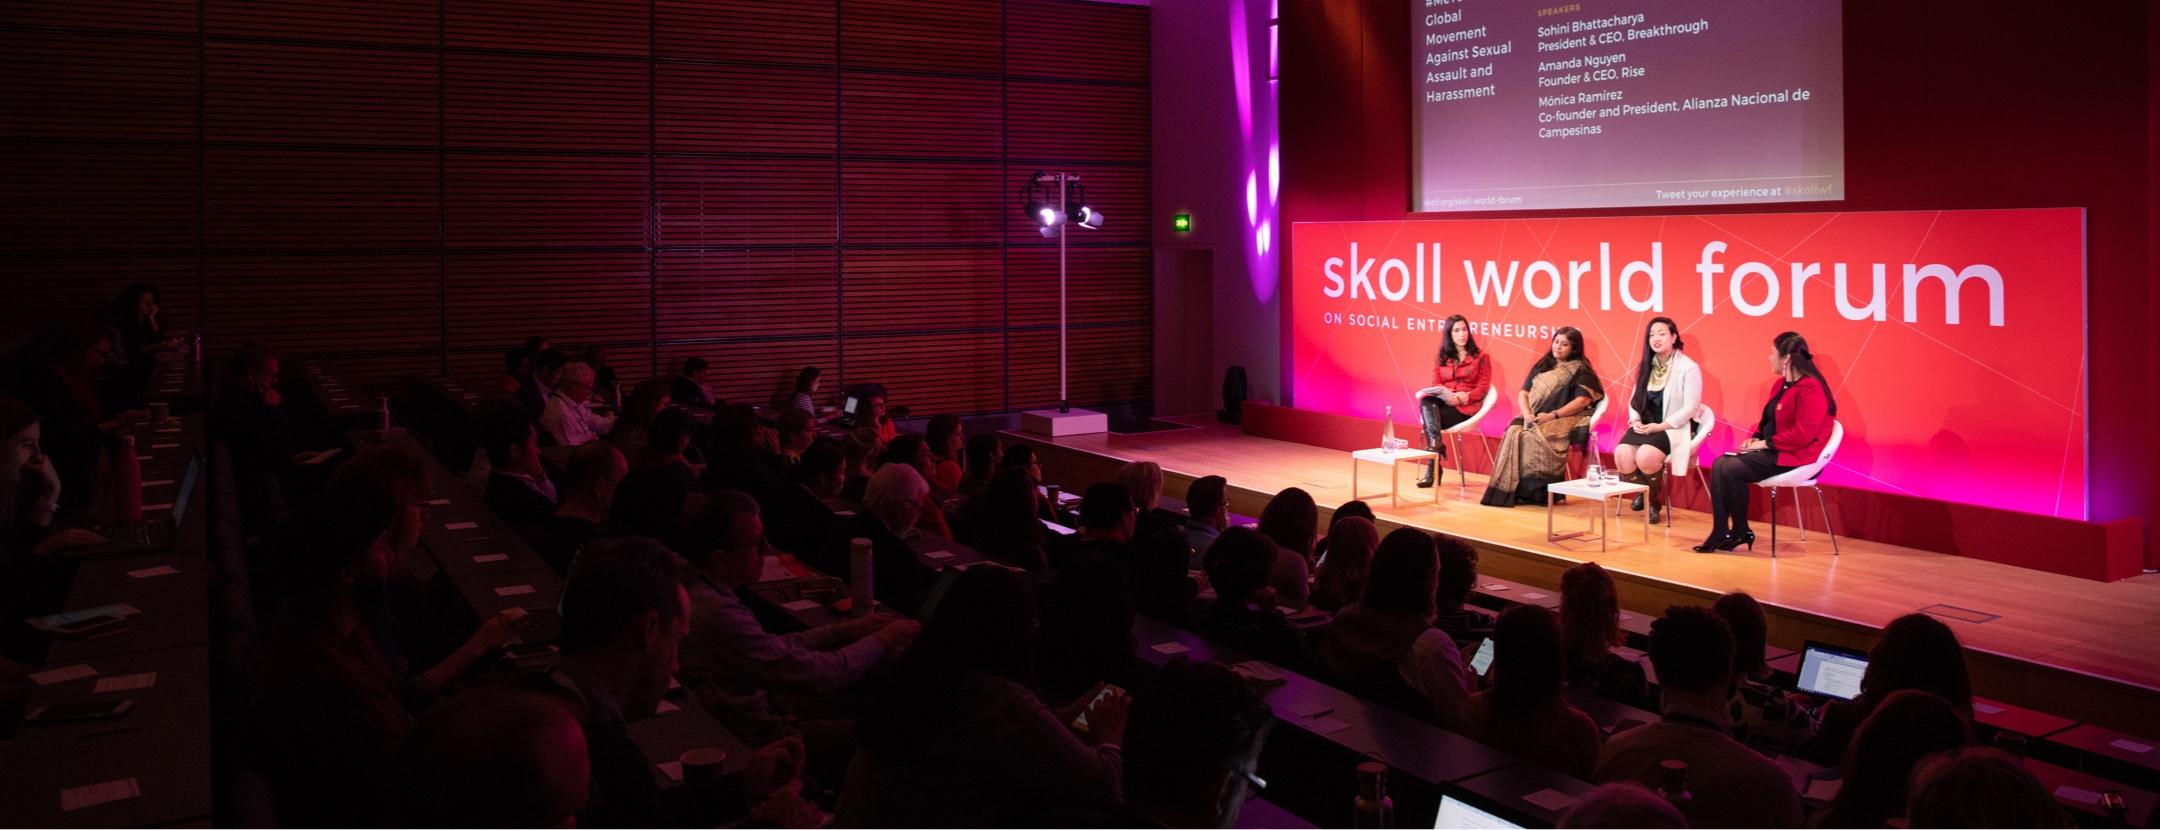 Skoll | Skoll World Forum